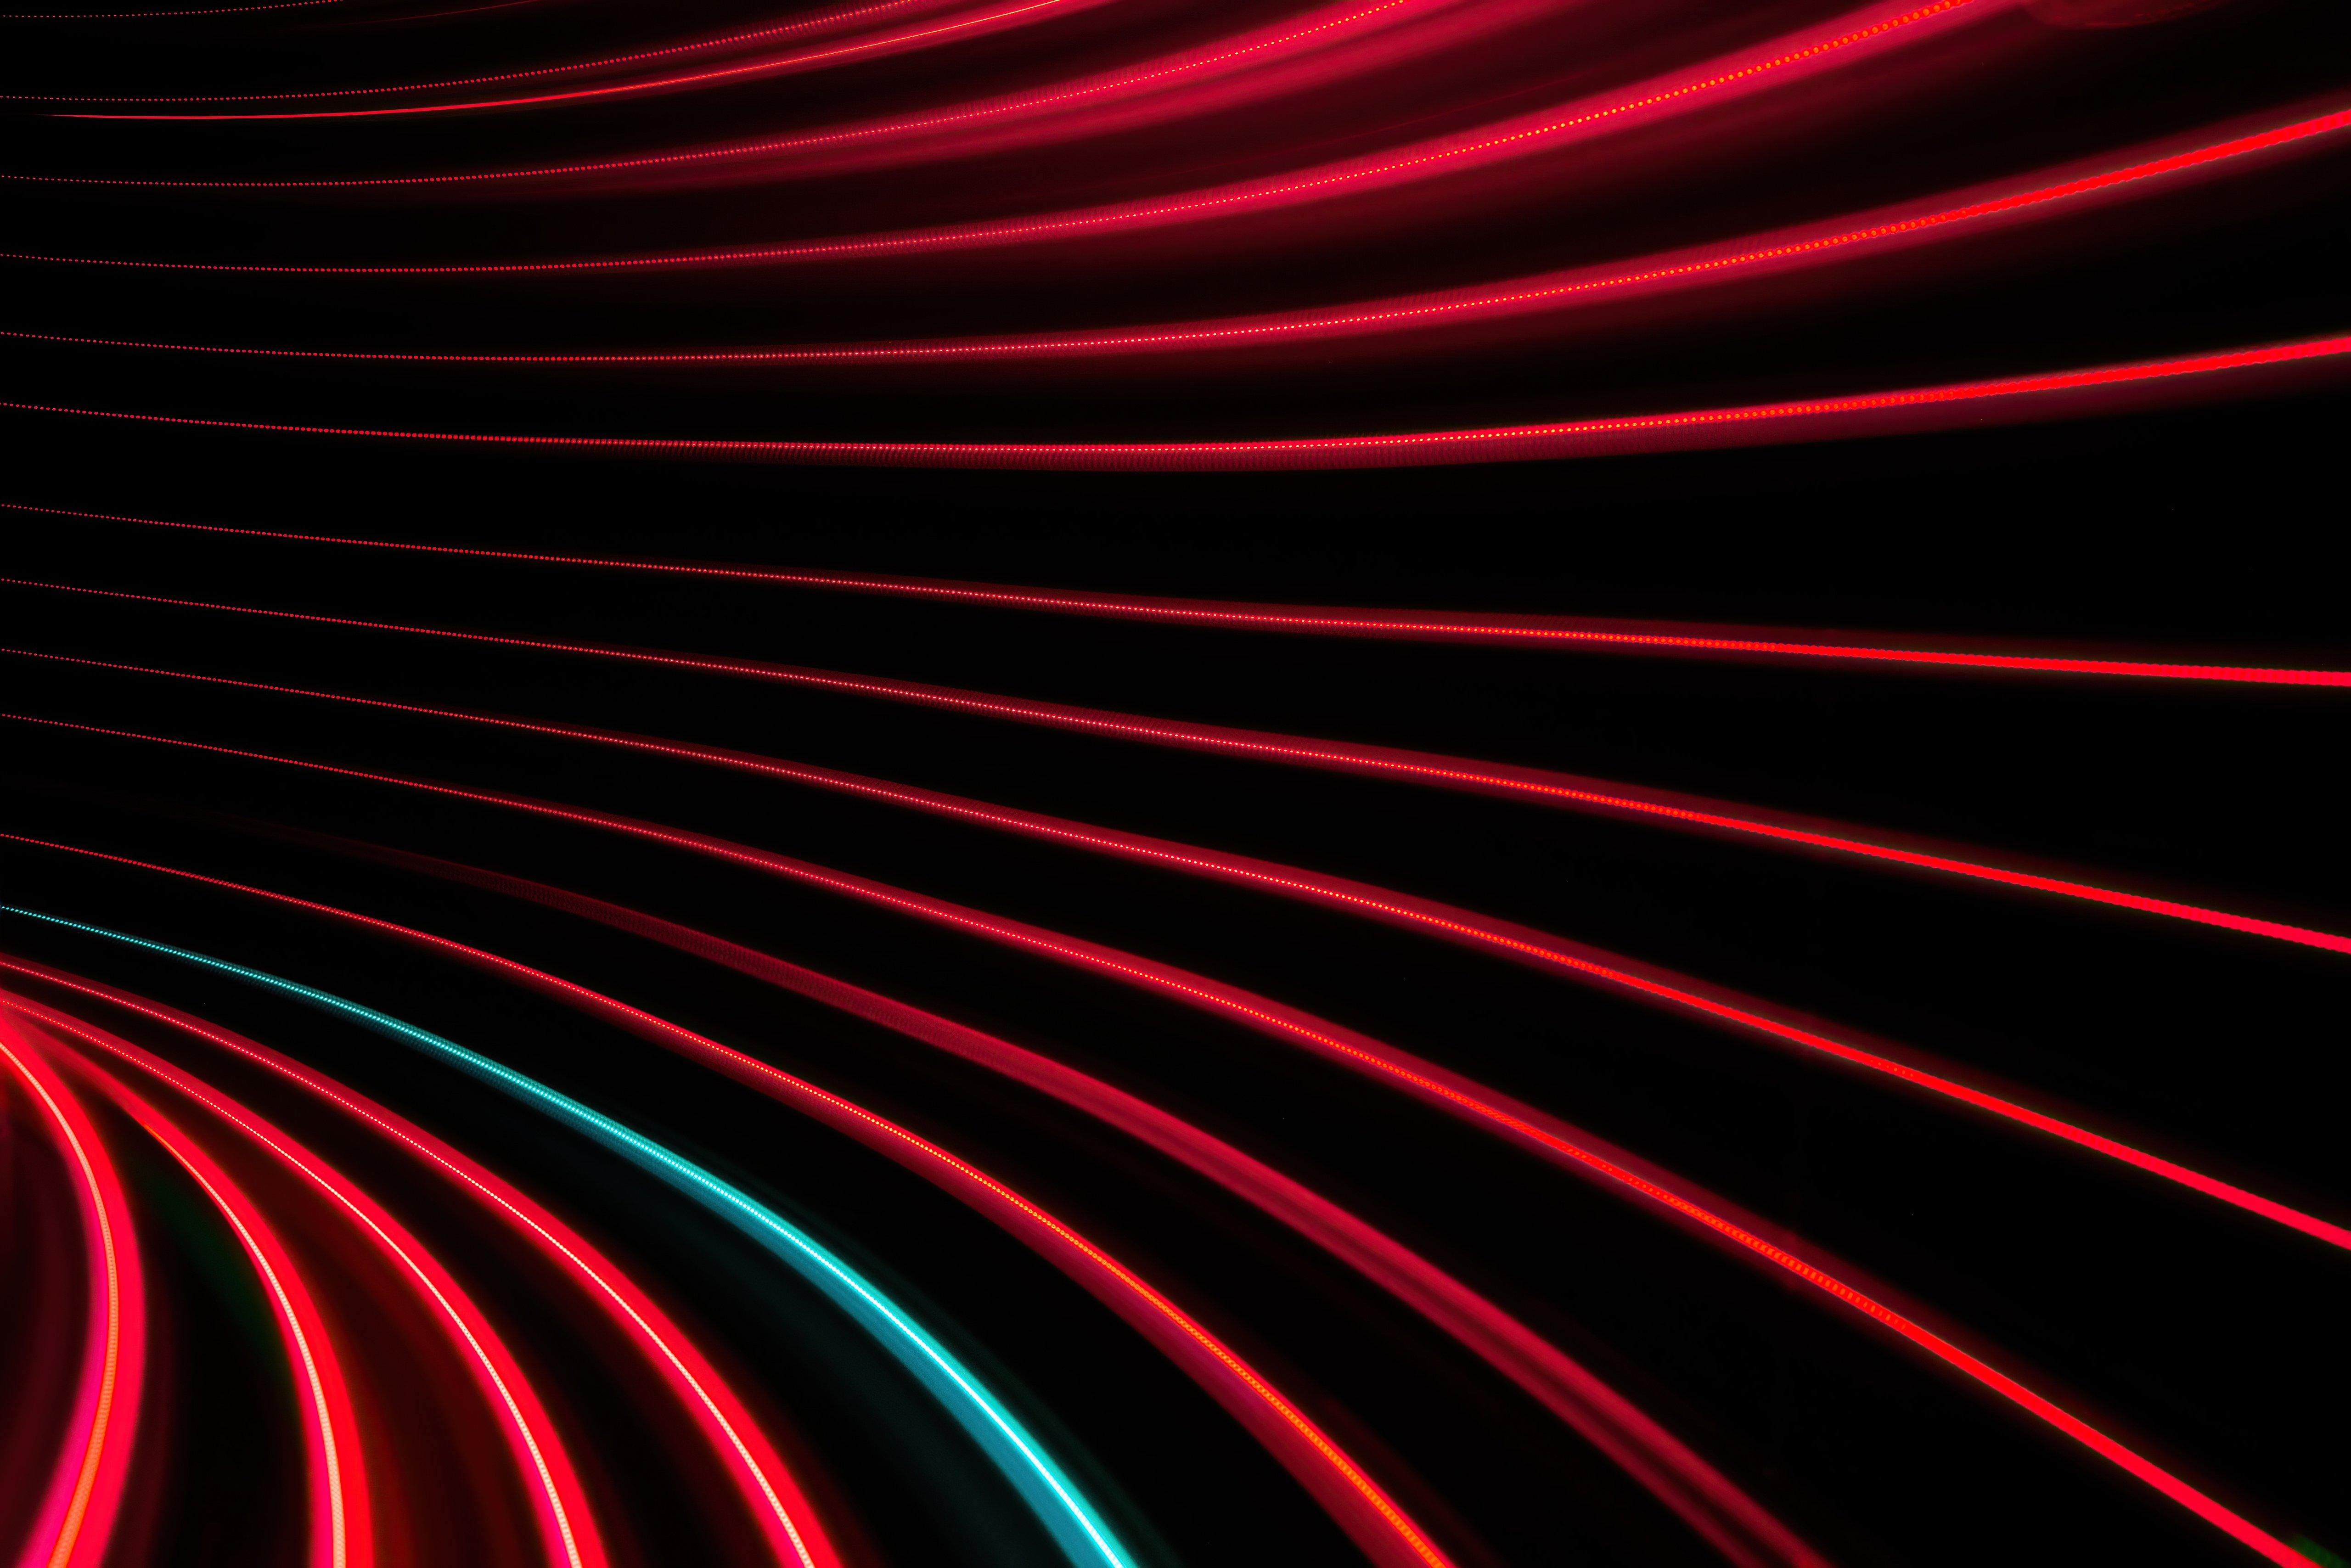 Fondos de pantalla Remolino de lineas rojas y negras